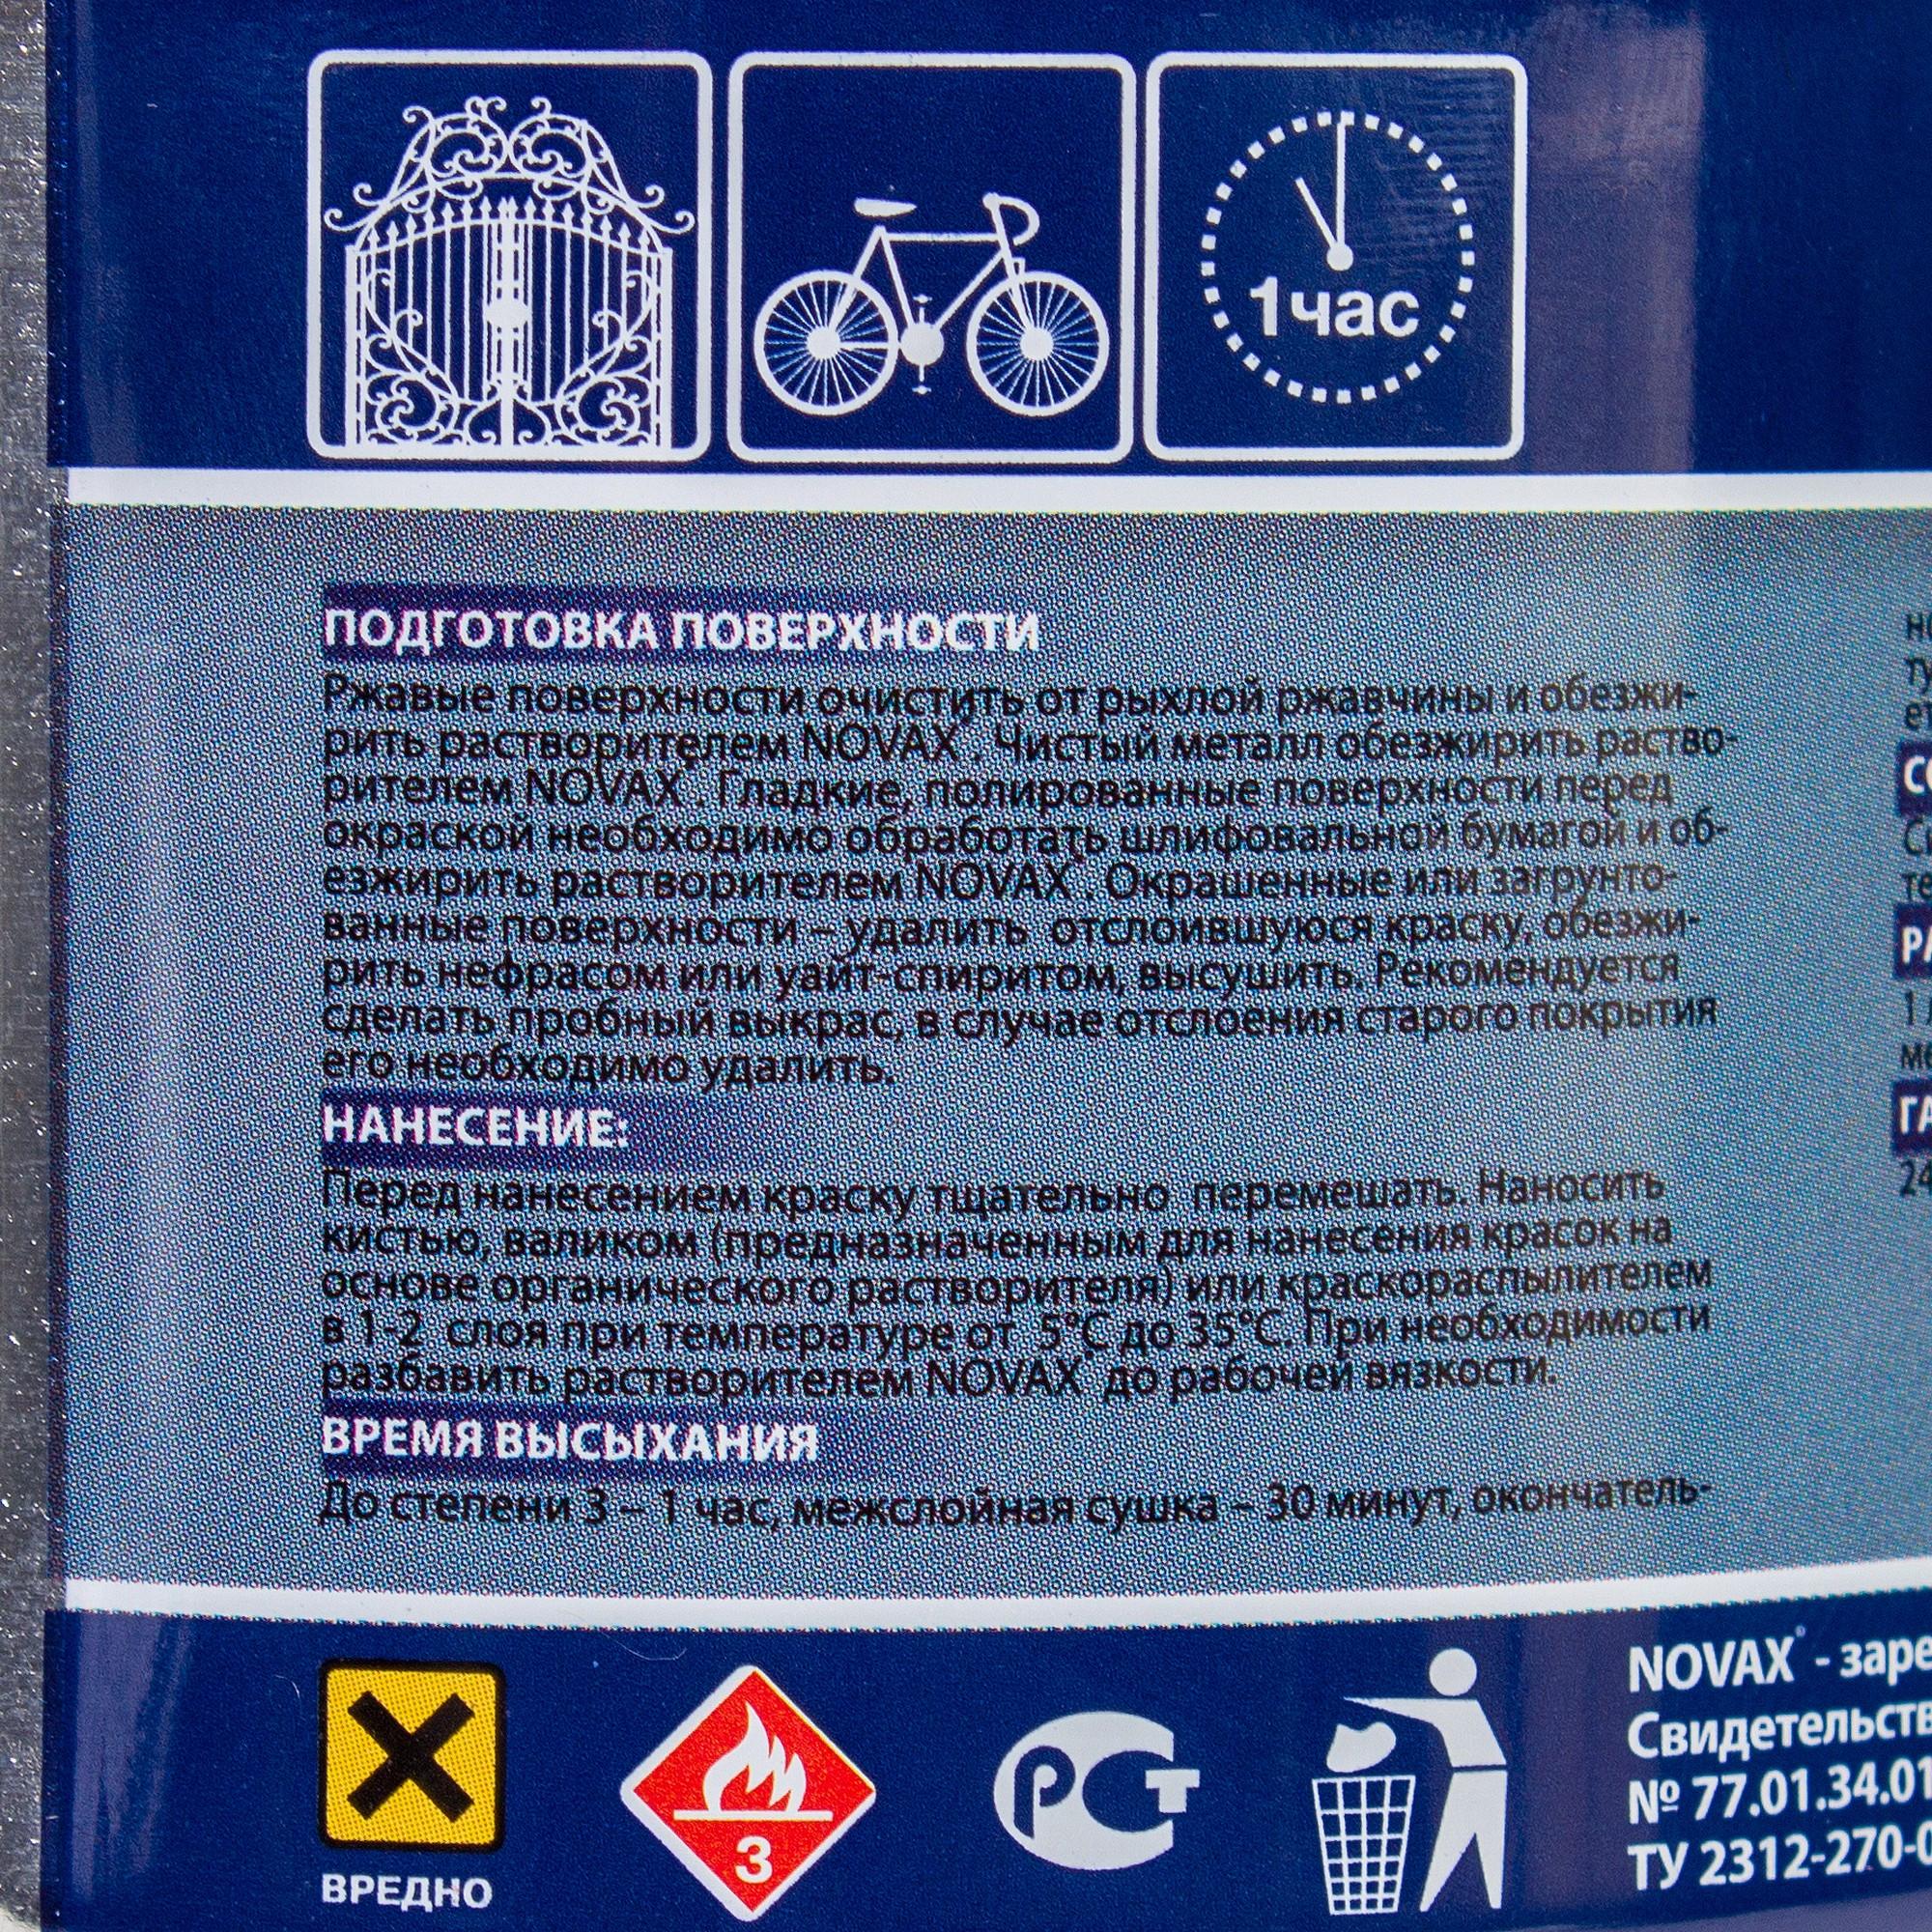 Пигменттер, толтырғыштар және арнайы қоспалардың алкидті-стирольдік шайыр ерітіндісіндегі ұшпа органикалық еріткіштердегі суспензиясы: Тот бойынша эмаль Новакс күңгірт-қоңыр 0,4 л